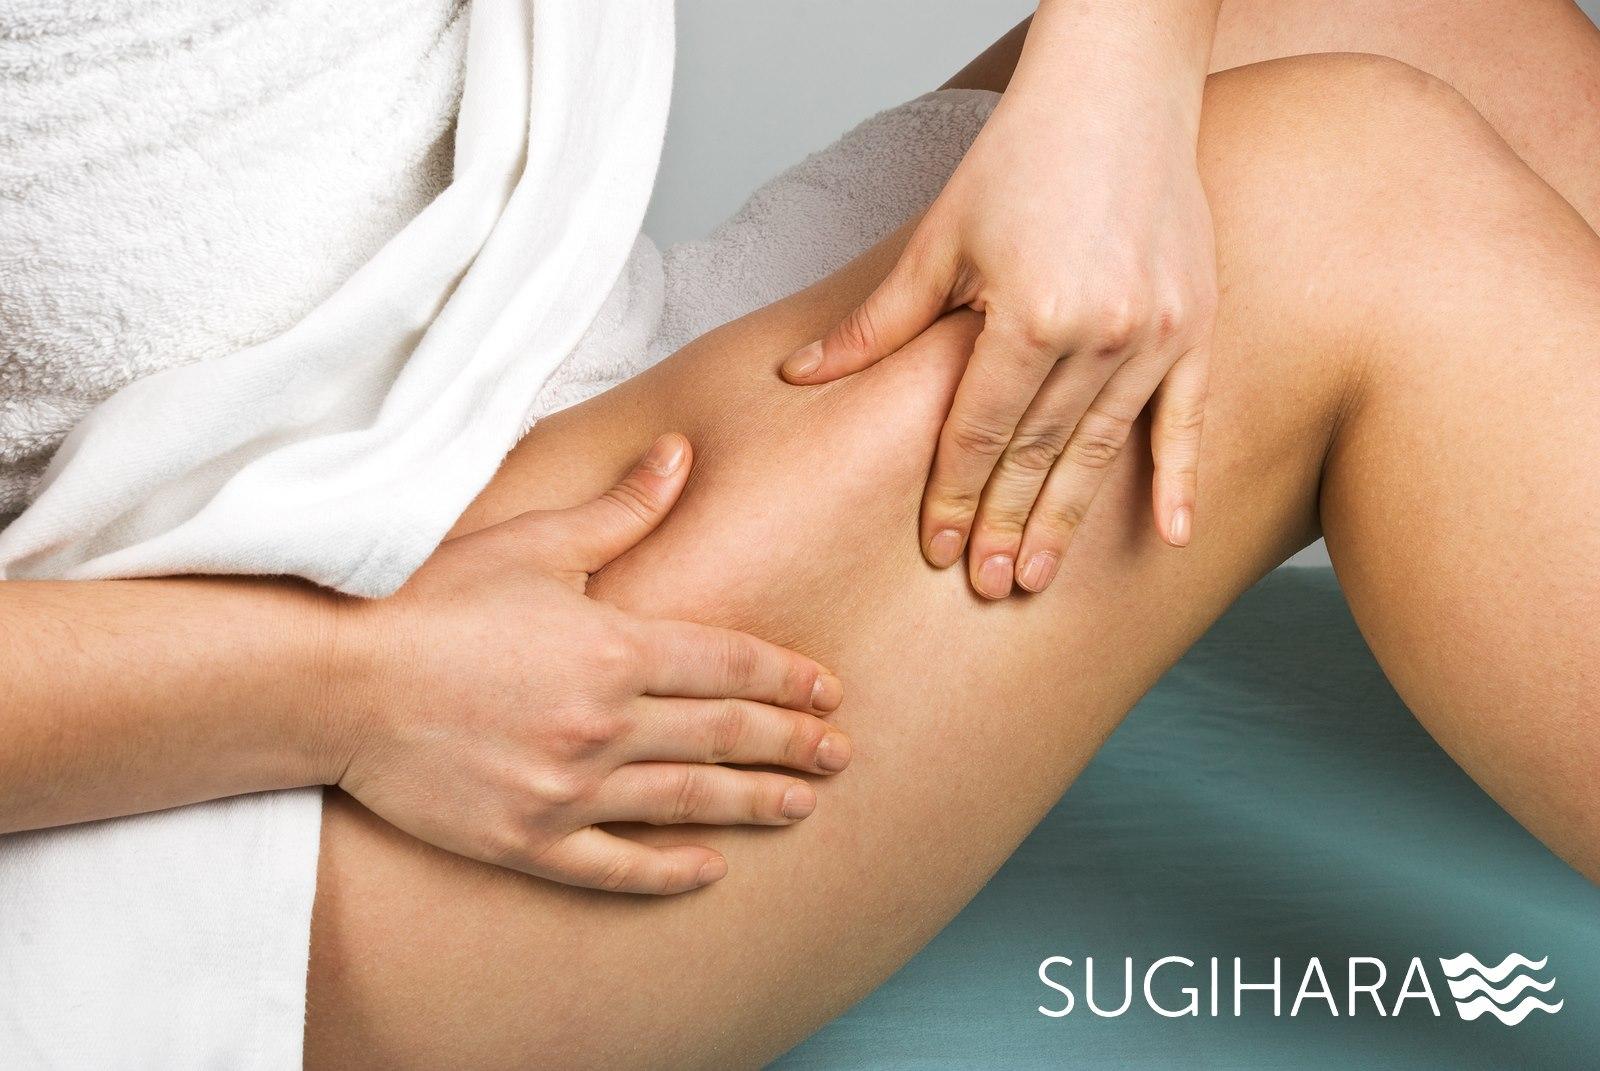 Celiulito mažinimas klinikoje SUGIHARA